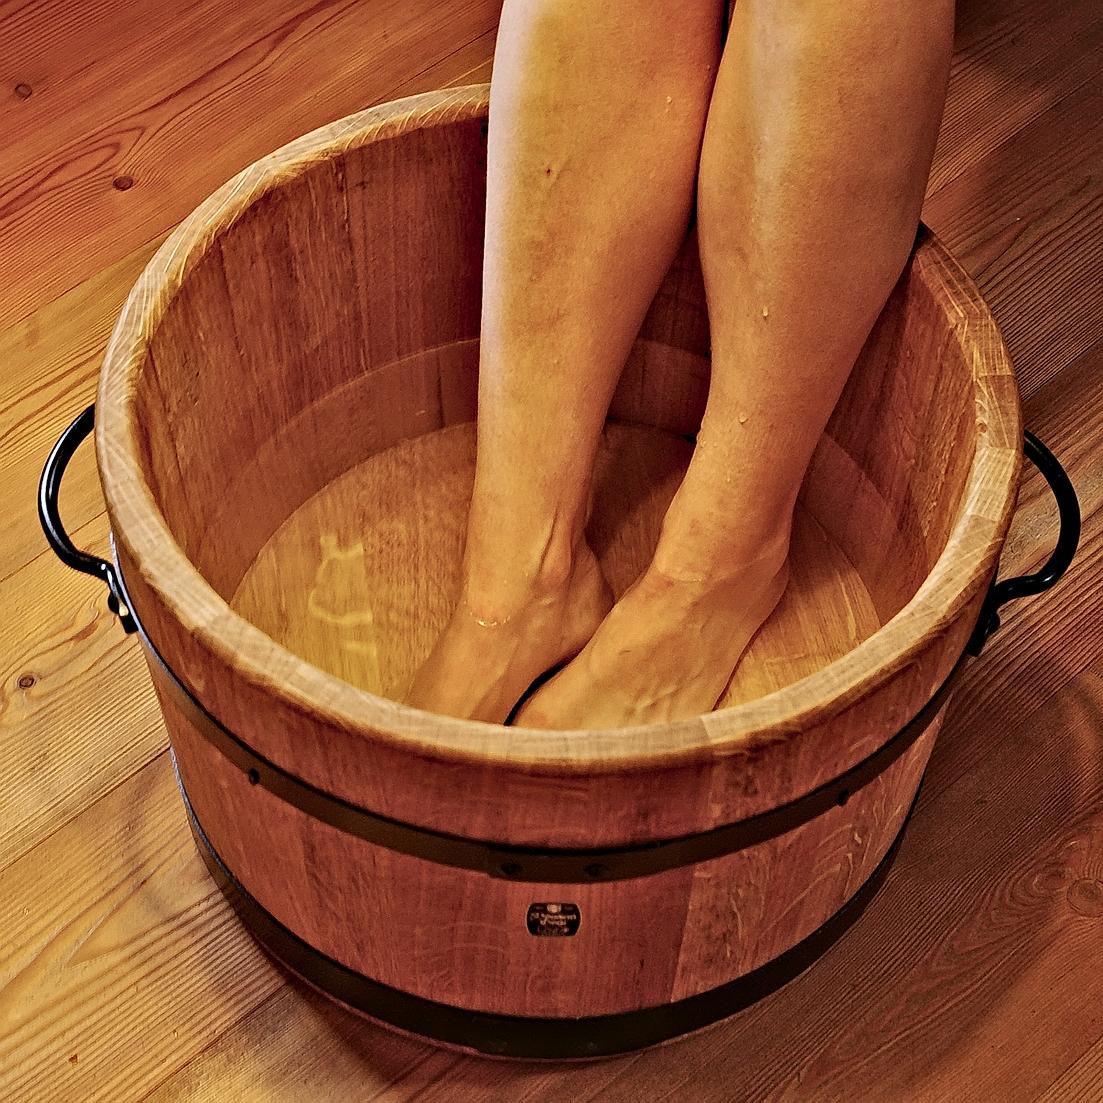 Ngâm chân với nước muối ấm